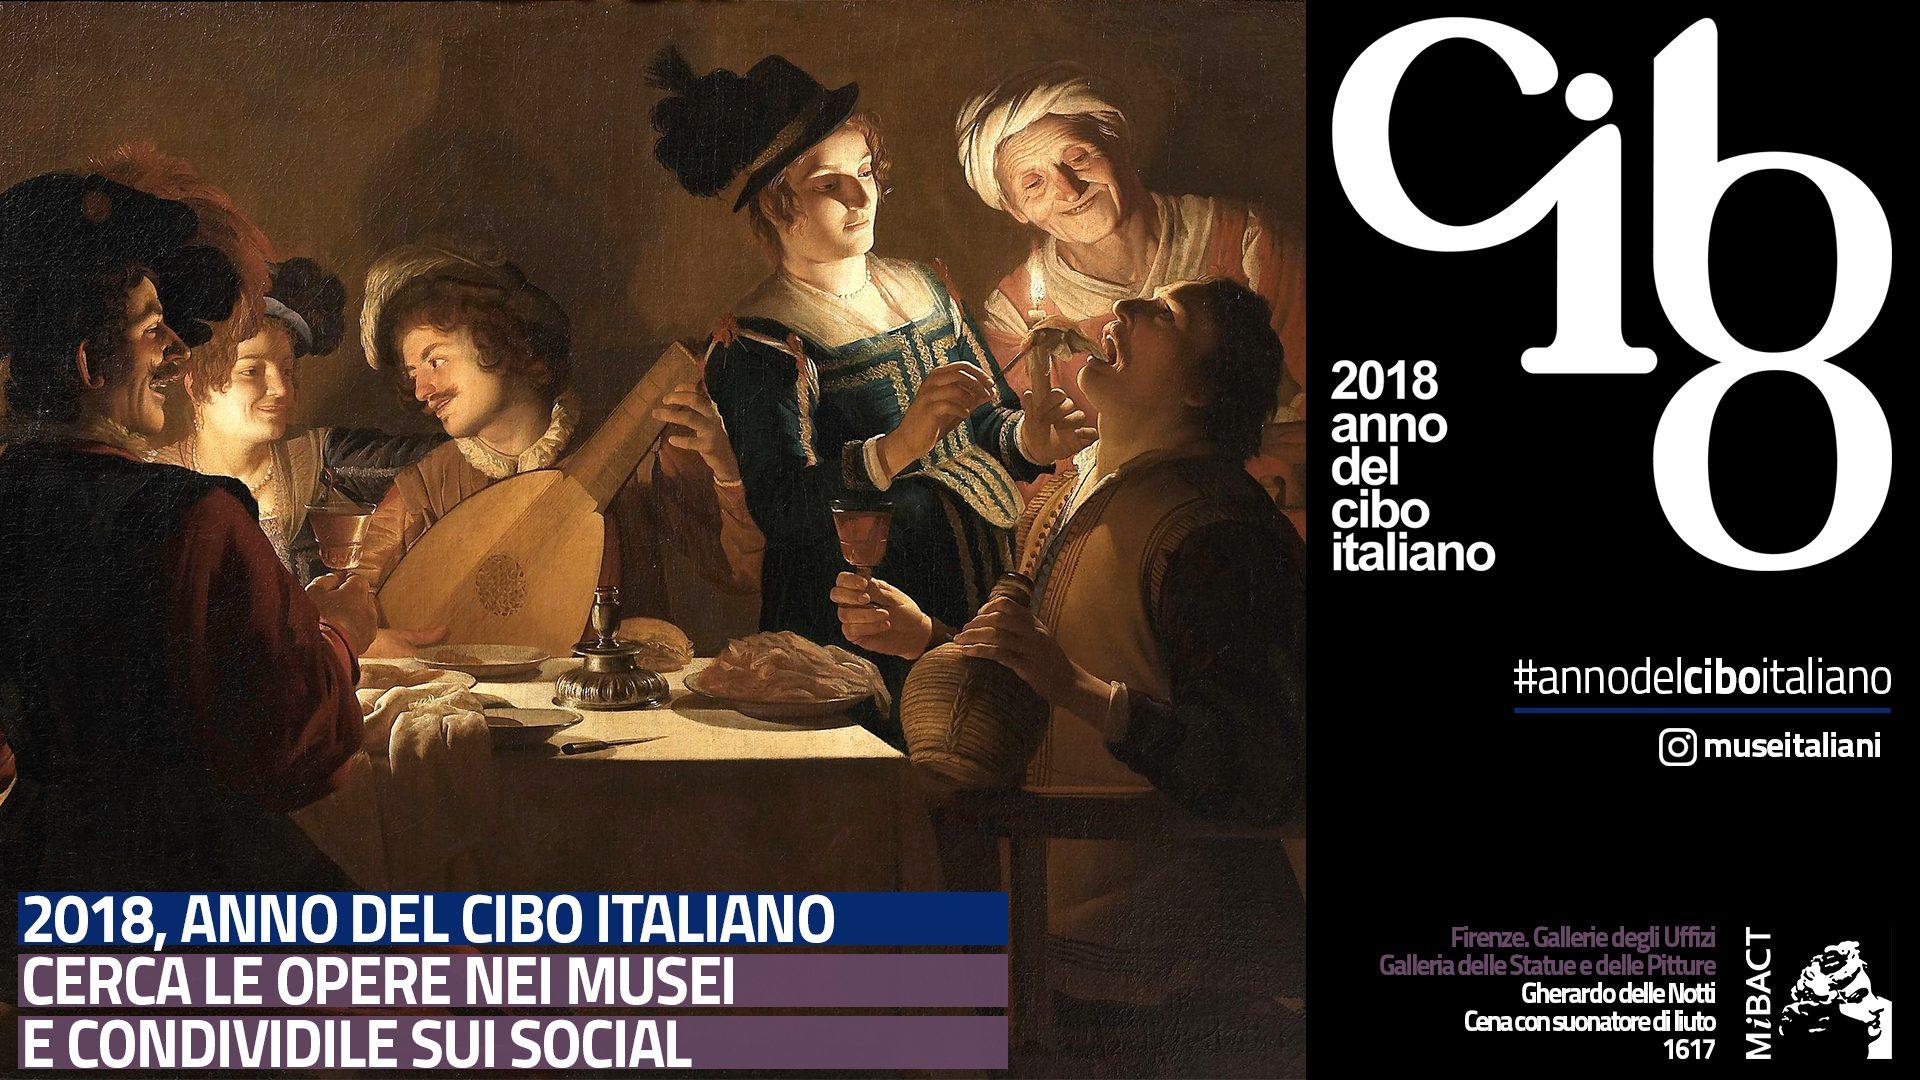 2018-anno-del-cibo_uffizi-1920x1080